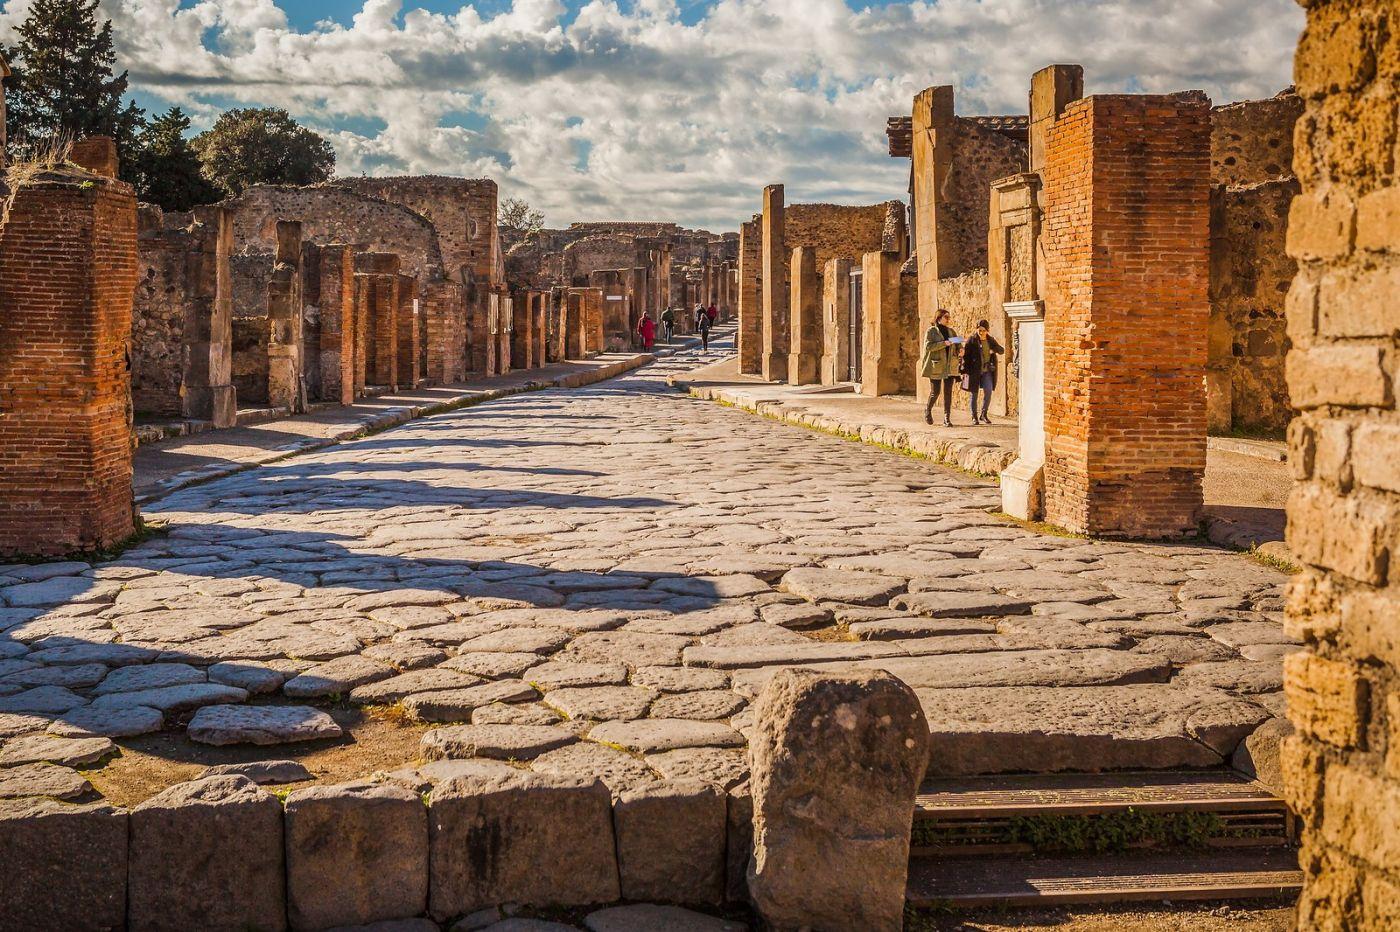 意大利一世纪古城庞贝,那时城市道路_图1-34